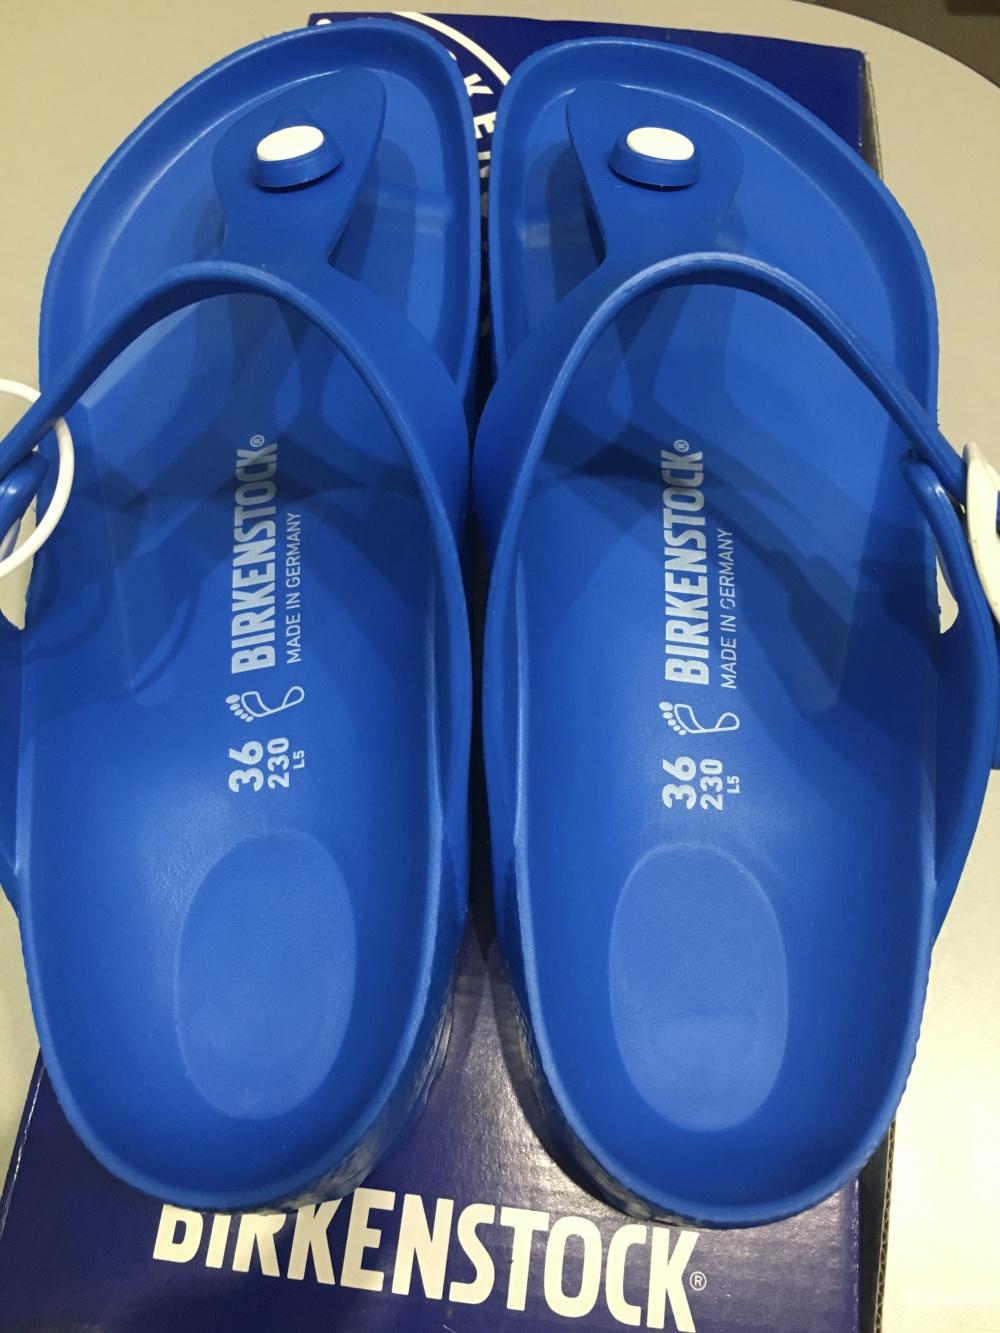 Сандалии с Т-образным ремешком Birkenstock, размер 36, 23 см по стельке. Синие